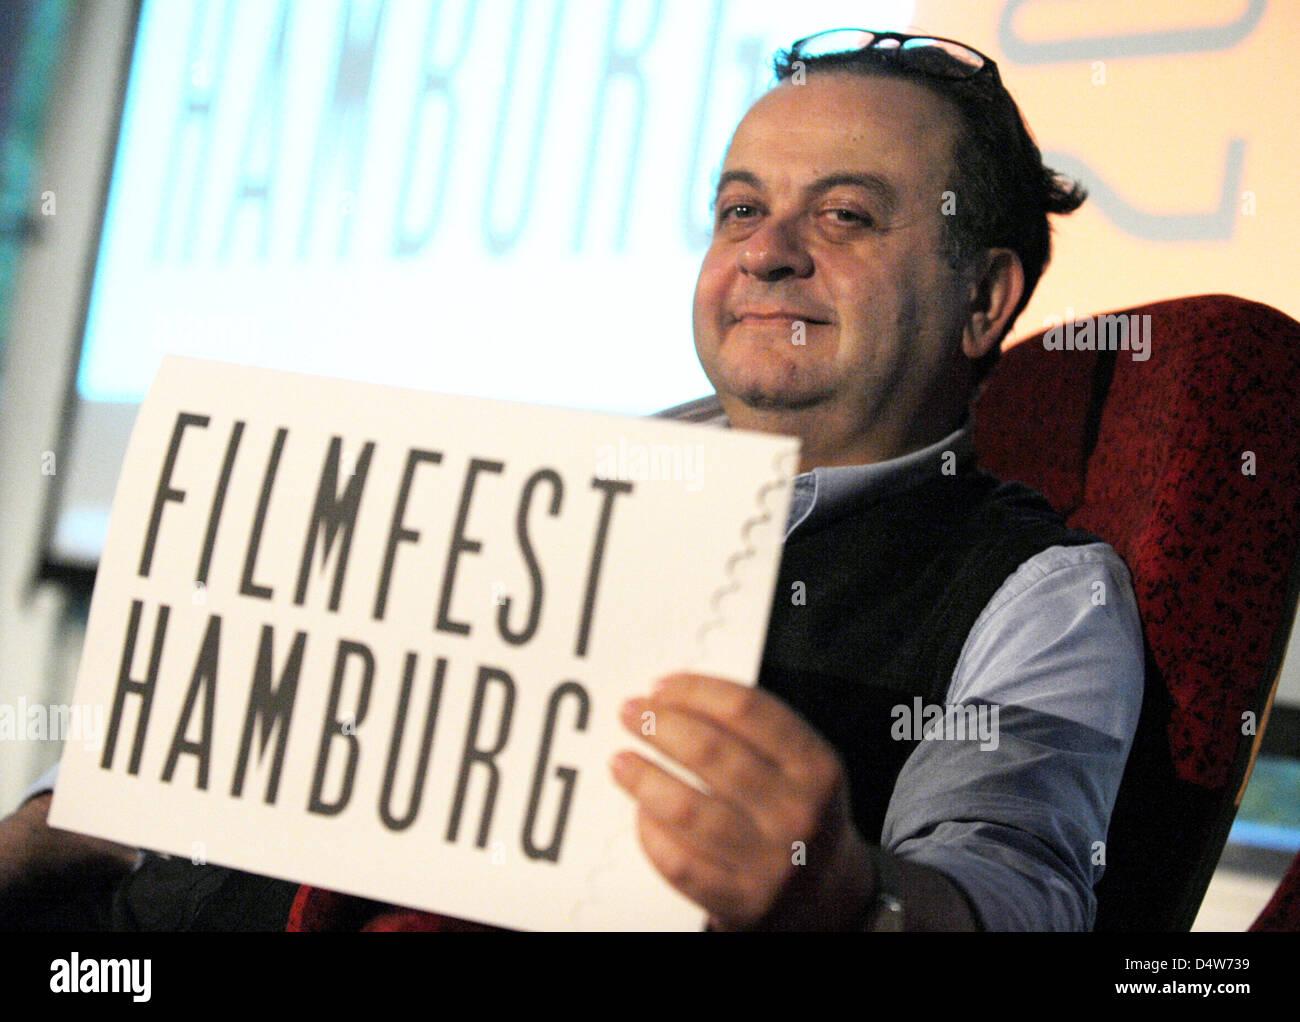 """Leiter des 18. Filmfest Hamburg, Albert Wiederspiegel, posiert mit einem Ordner mit dem Schriftzug """"Filmfest Stockbild"""